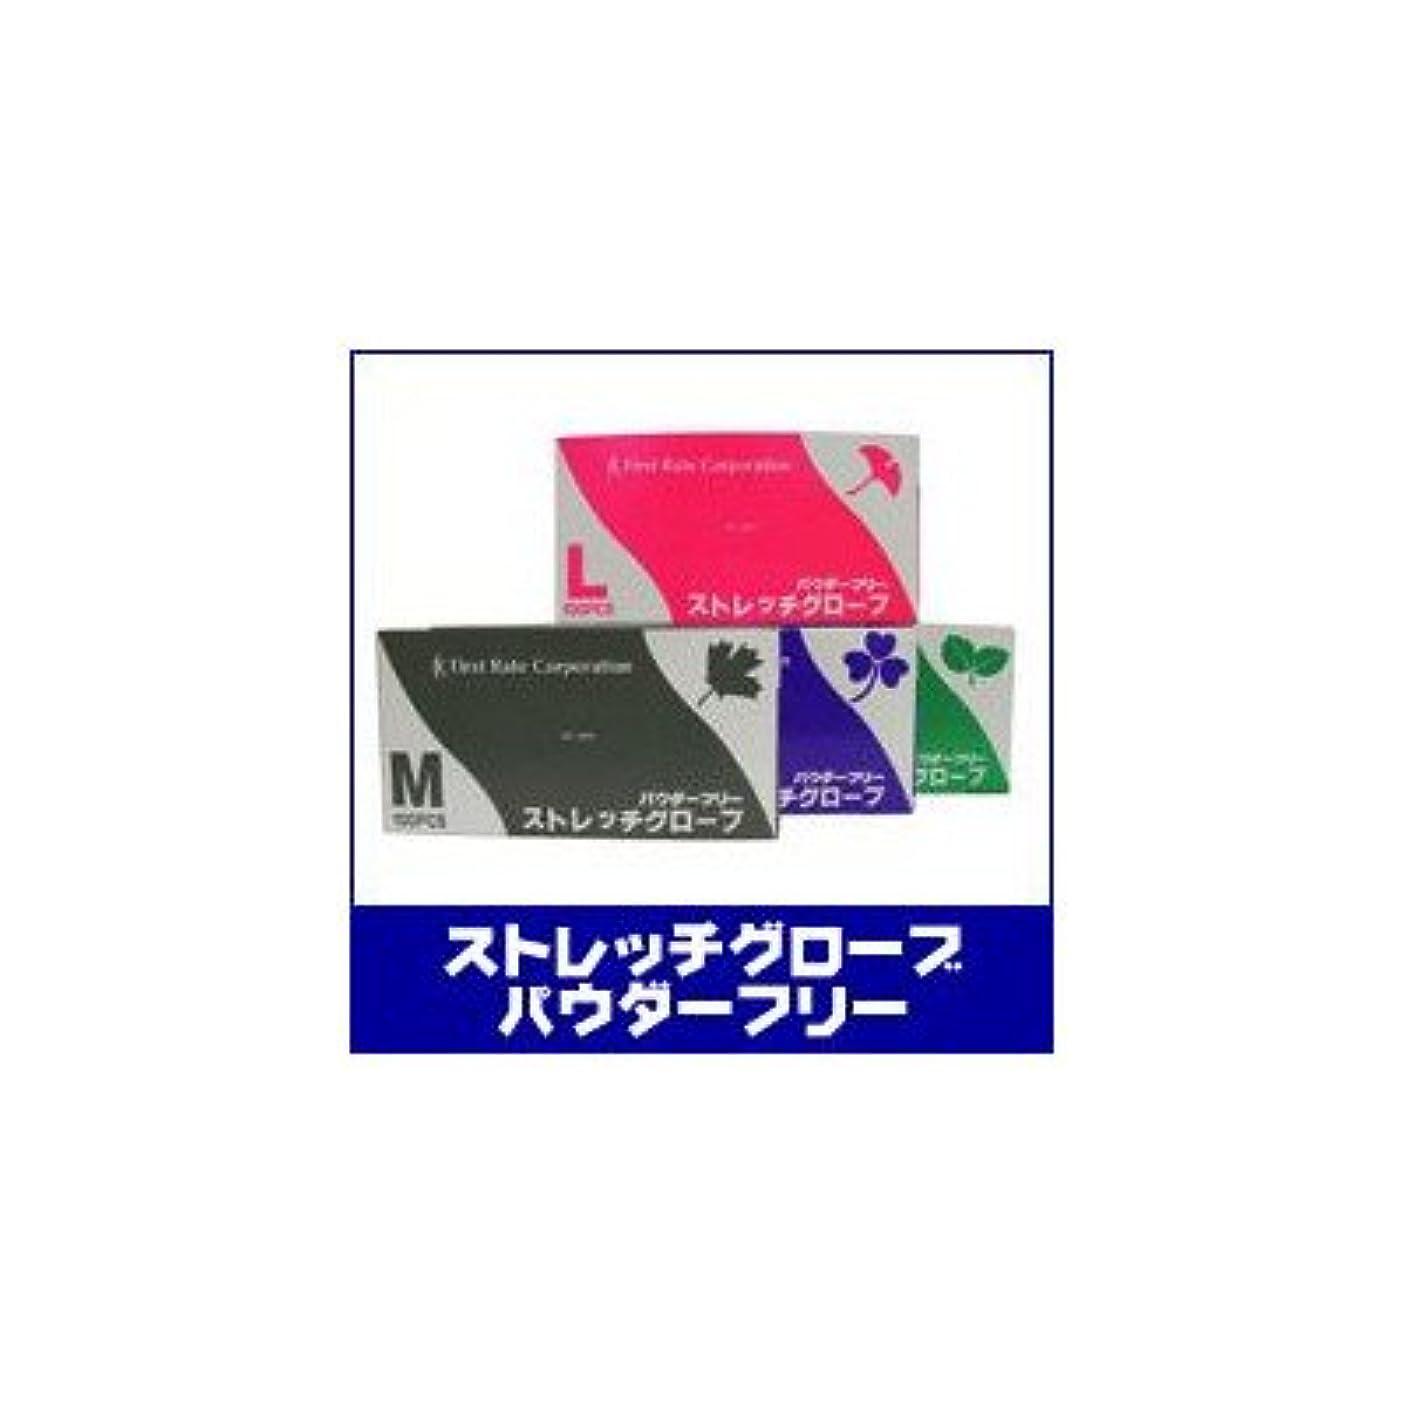 覗く合理的退屈なストレッチグローブ(パウダー無)10箱-ケース Mサイズ